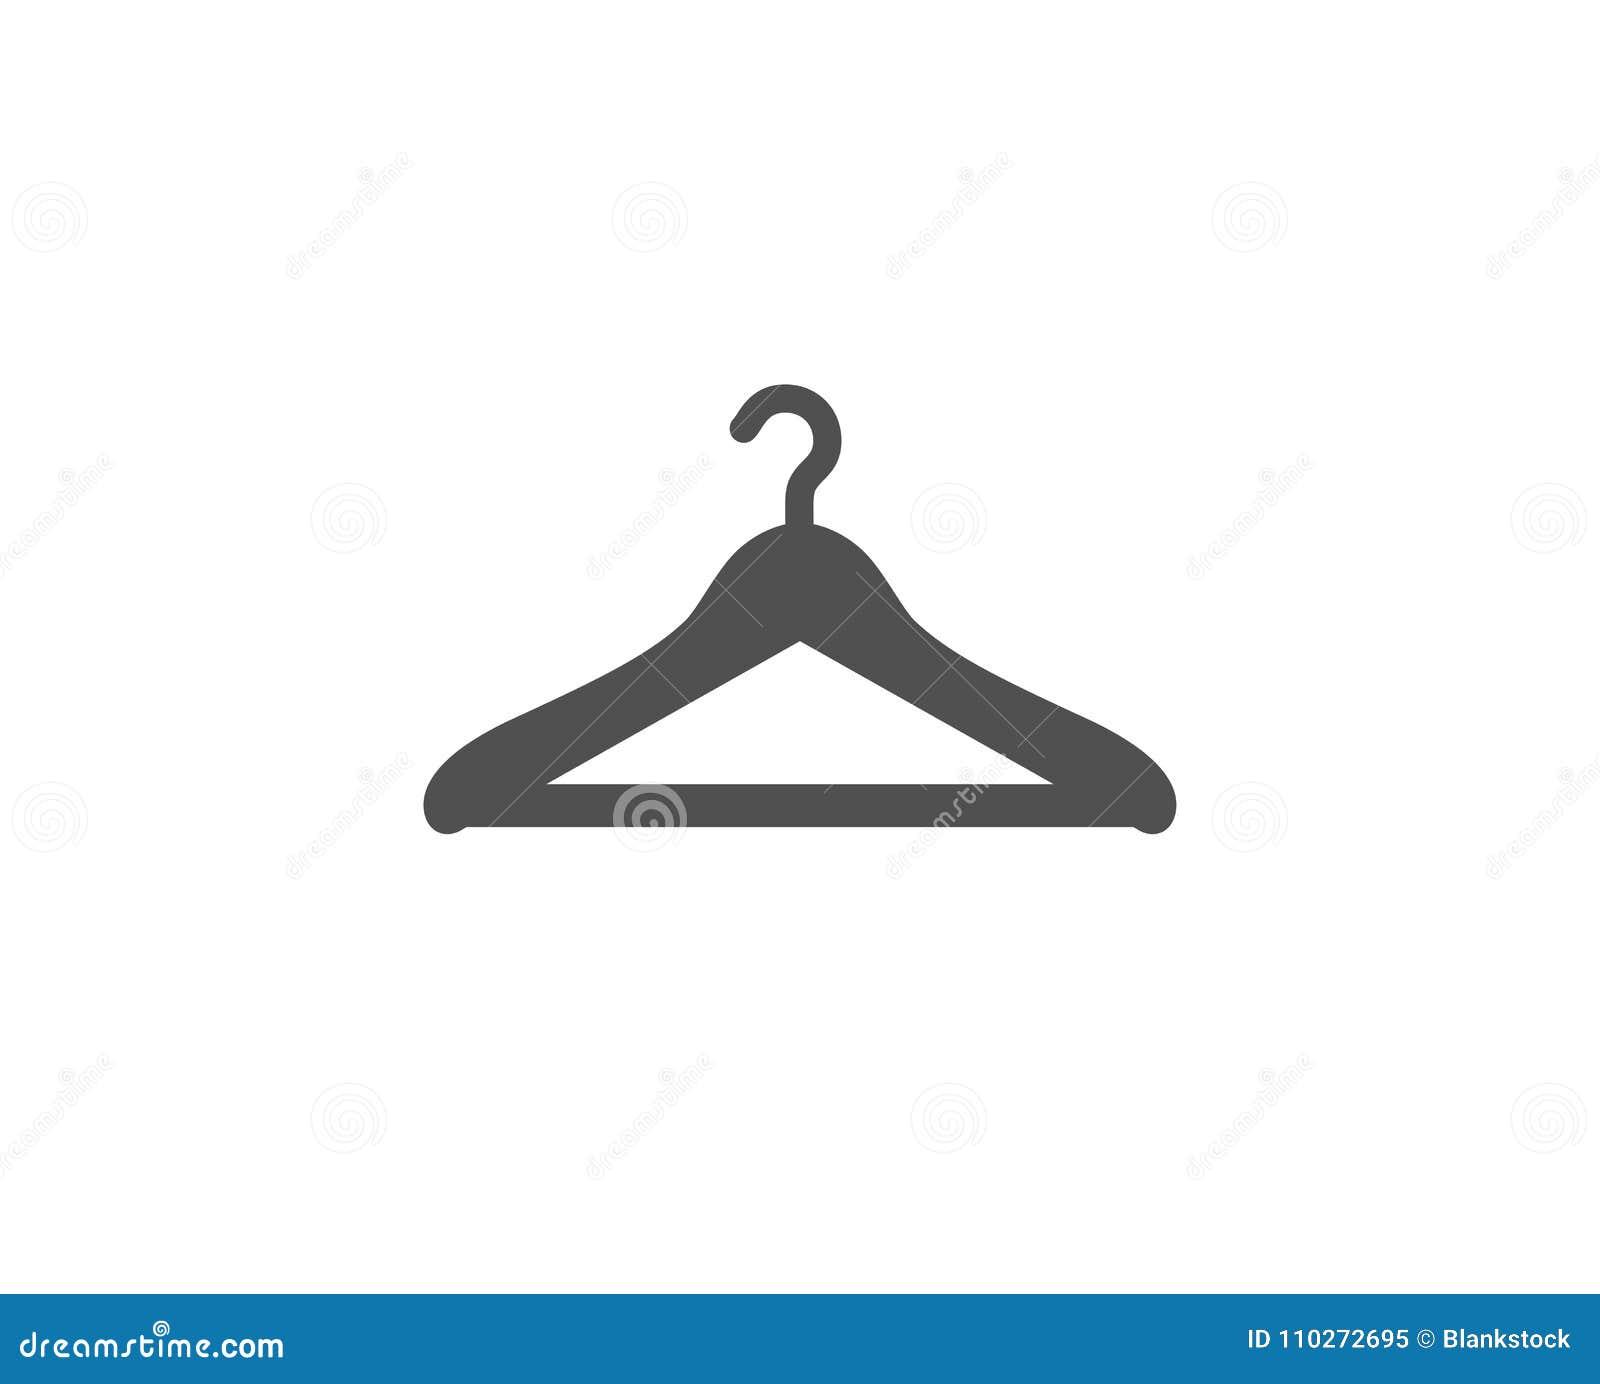 Ícone simples do vestiário Sinal do vestuário do gancho